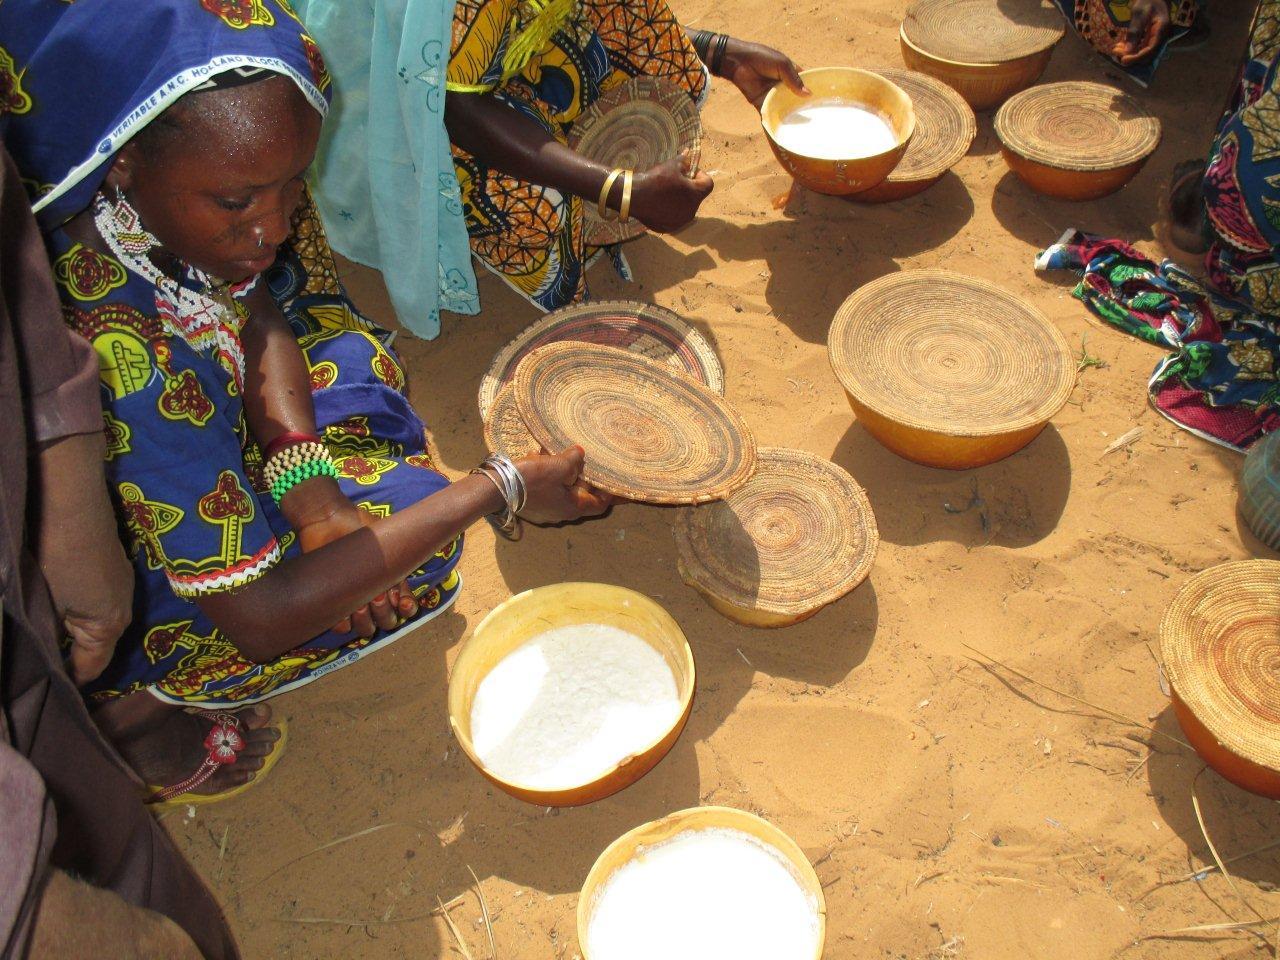 Le développement de la filière lait en Afrique de l'Ouest au centre des préoccupations